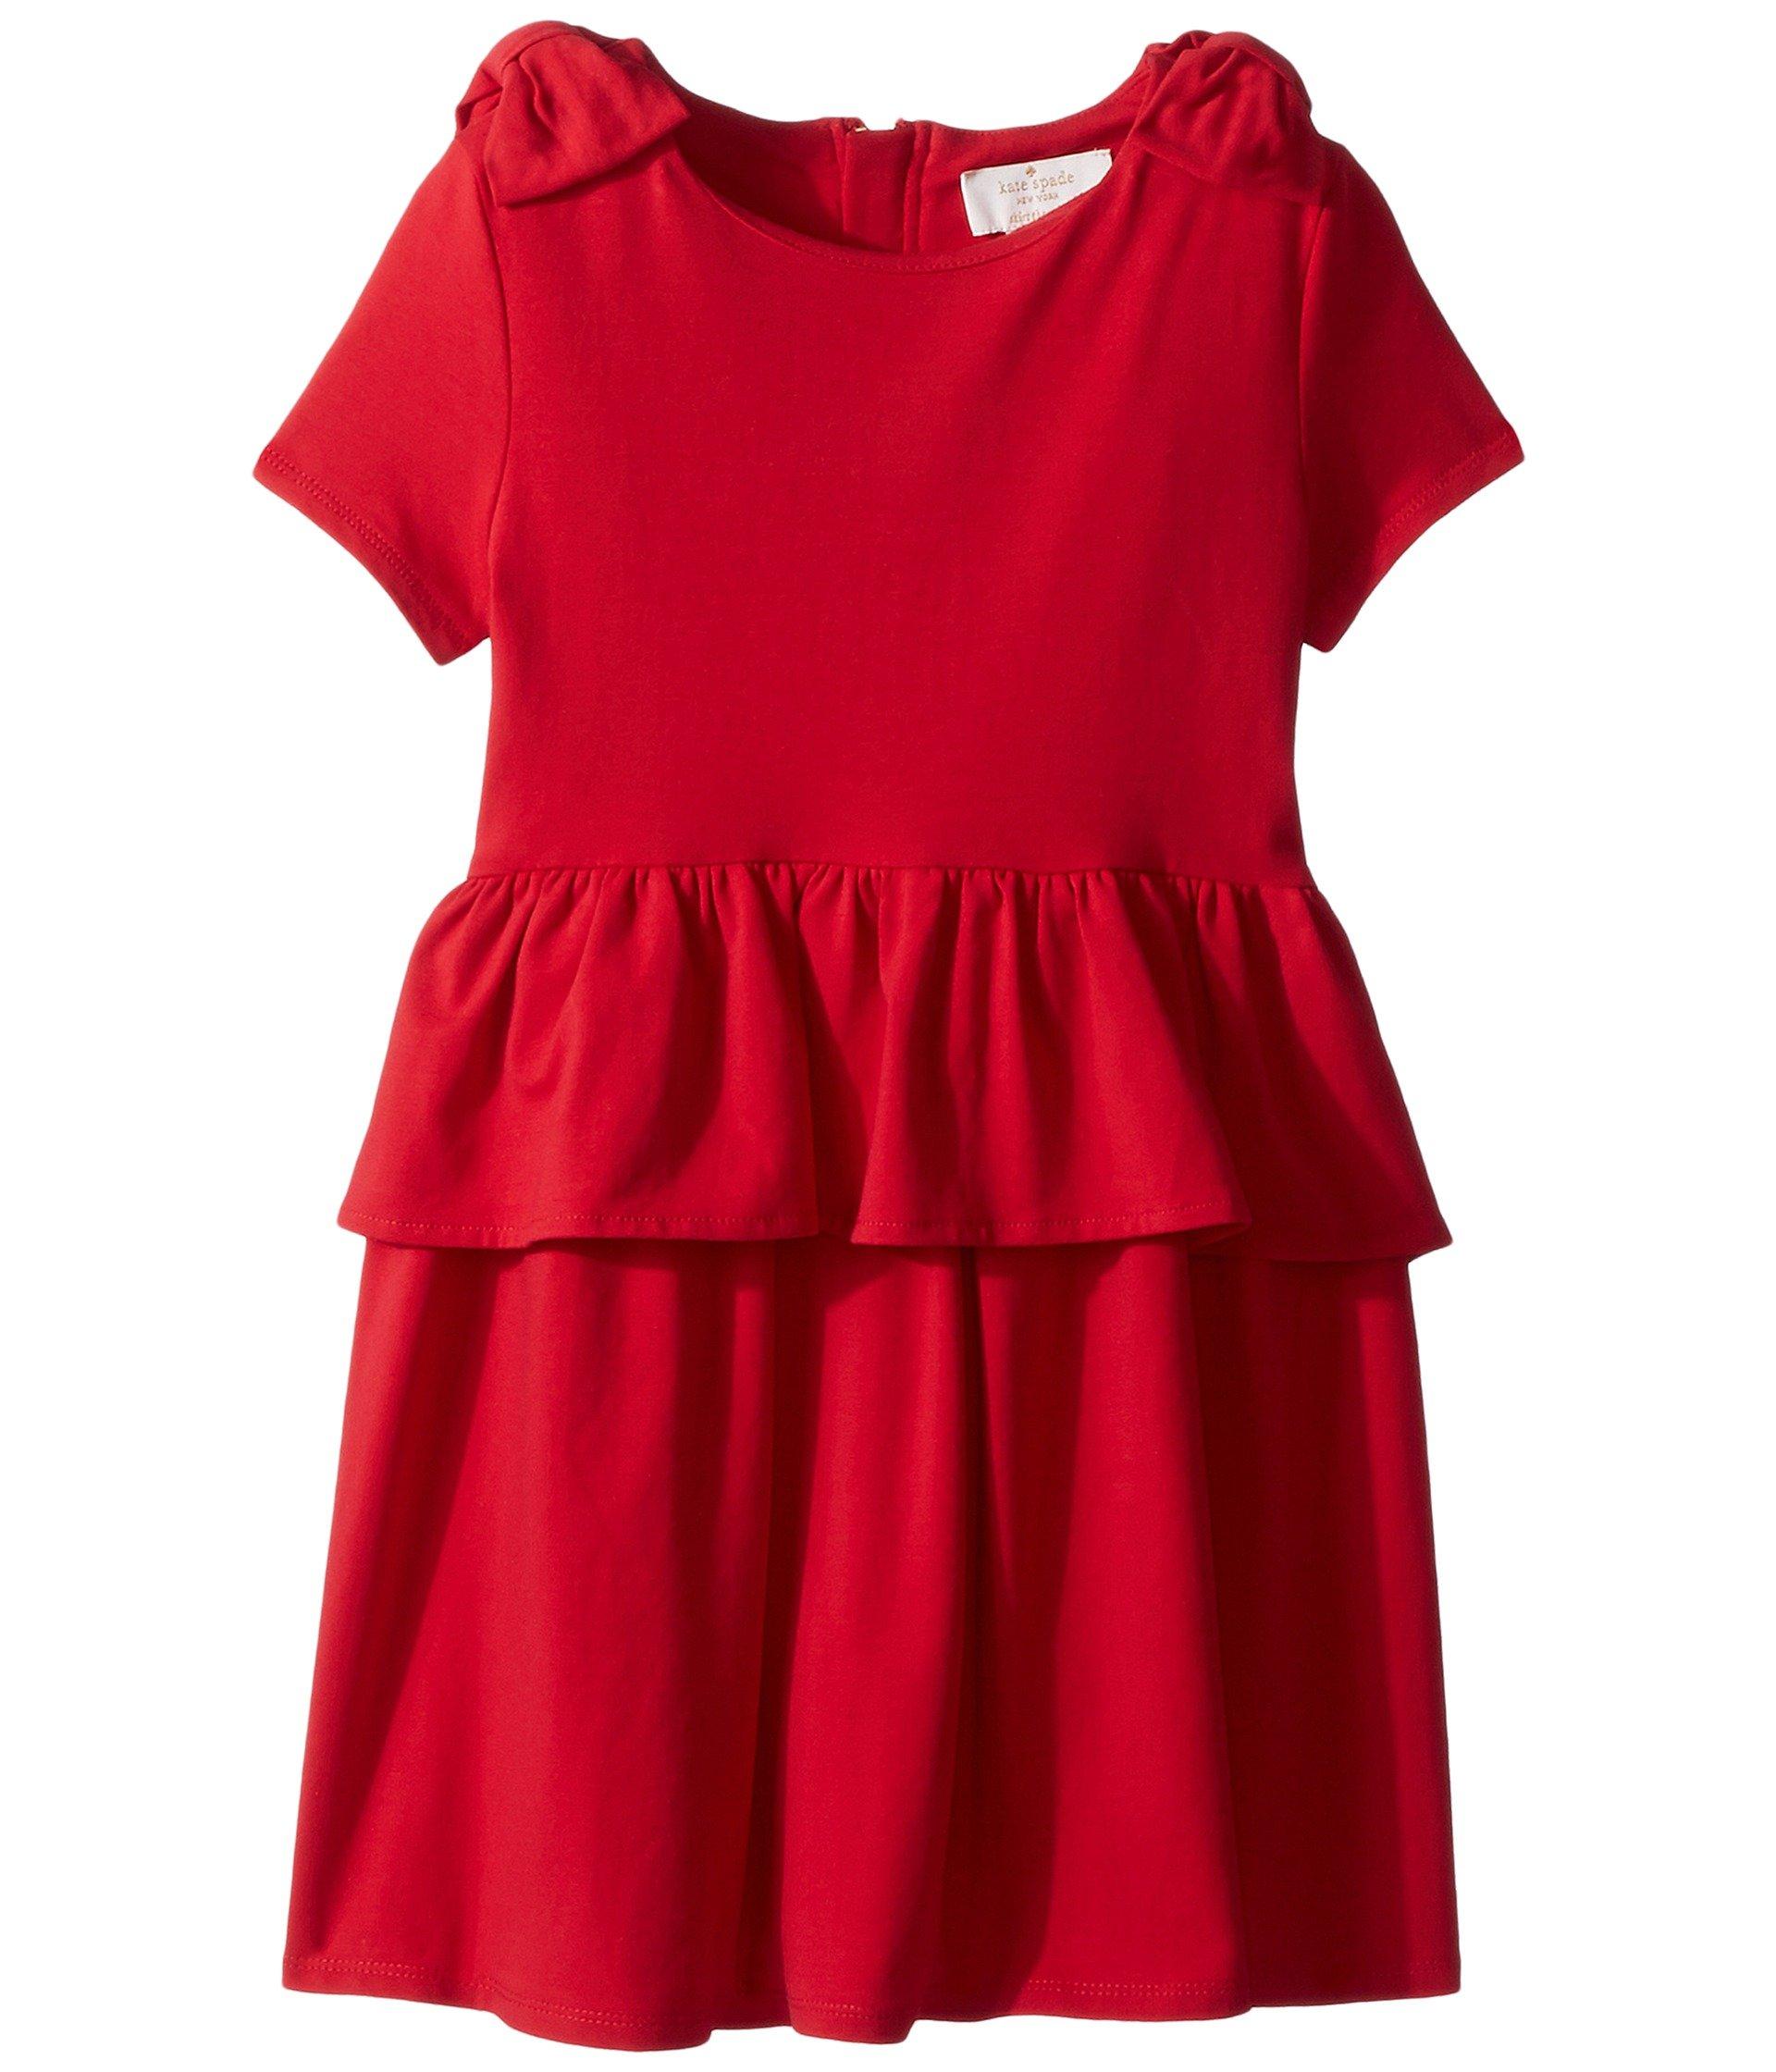 91d42bd45d304 Galleon - Kate Spade New York Kids Baby Girl's Pepulum Waist Dress (Toddler/Little  Kids) Charm Red 6